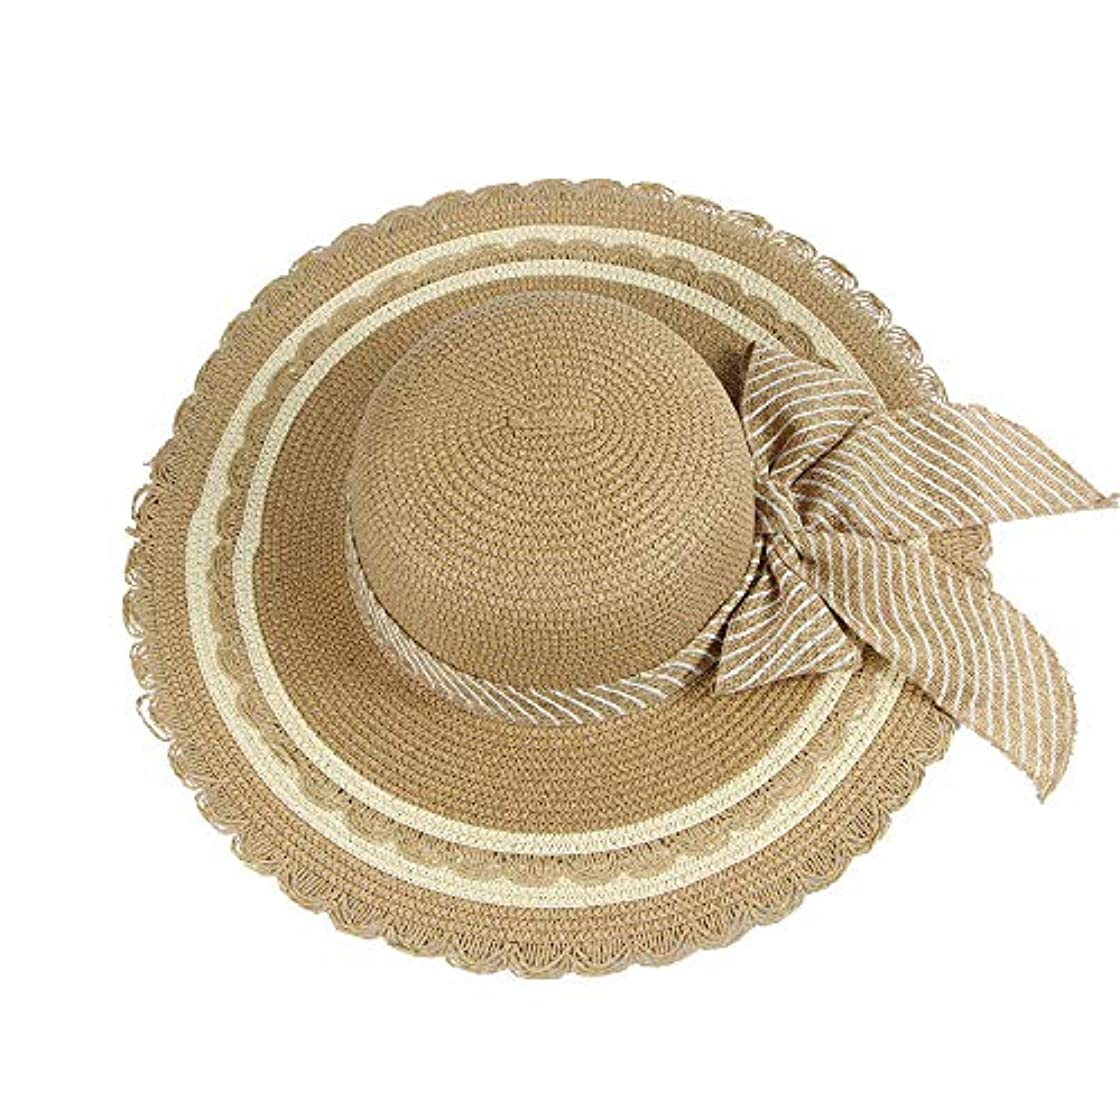 強盗系統的親帽子 レディース UVカット 帽子 麦わら帽子 UV帽子 紫外線対策 折りたたみ つば広 ワイヤ入り uvカット帽子 春夏 レディース 通気性 ニット帽 マニュアル キャップ レディース 大きいサイズ ROSE ROMAN